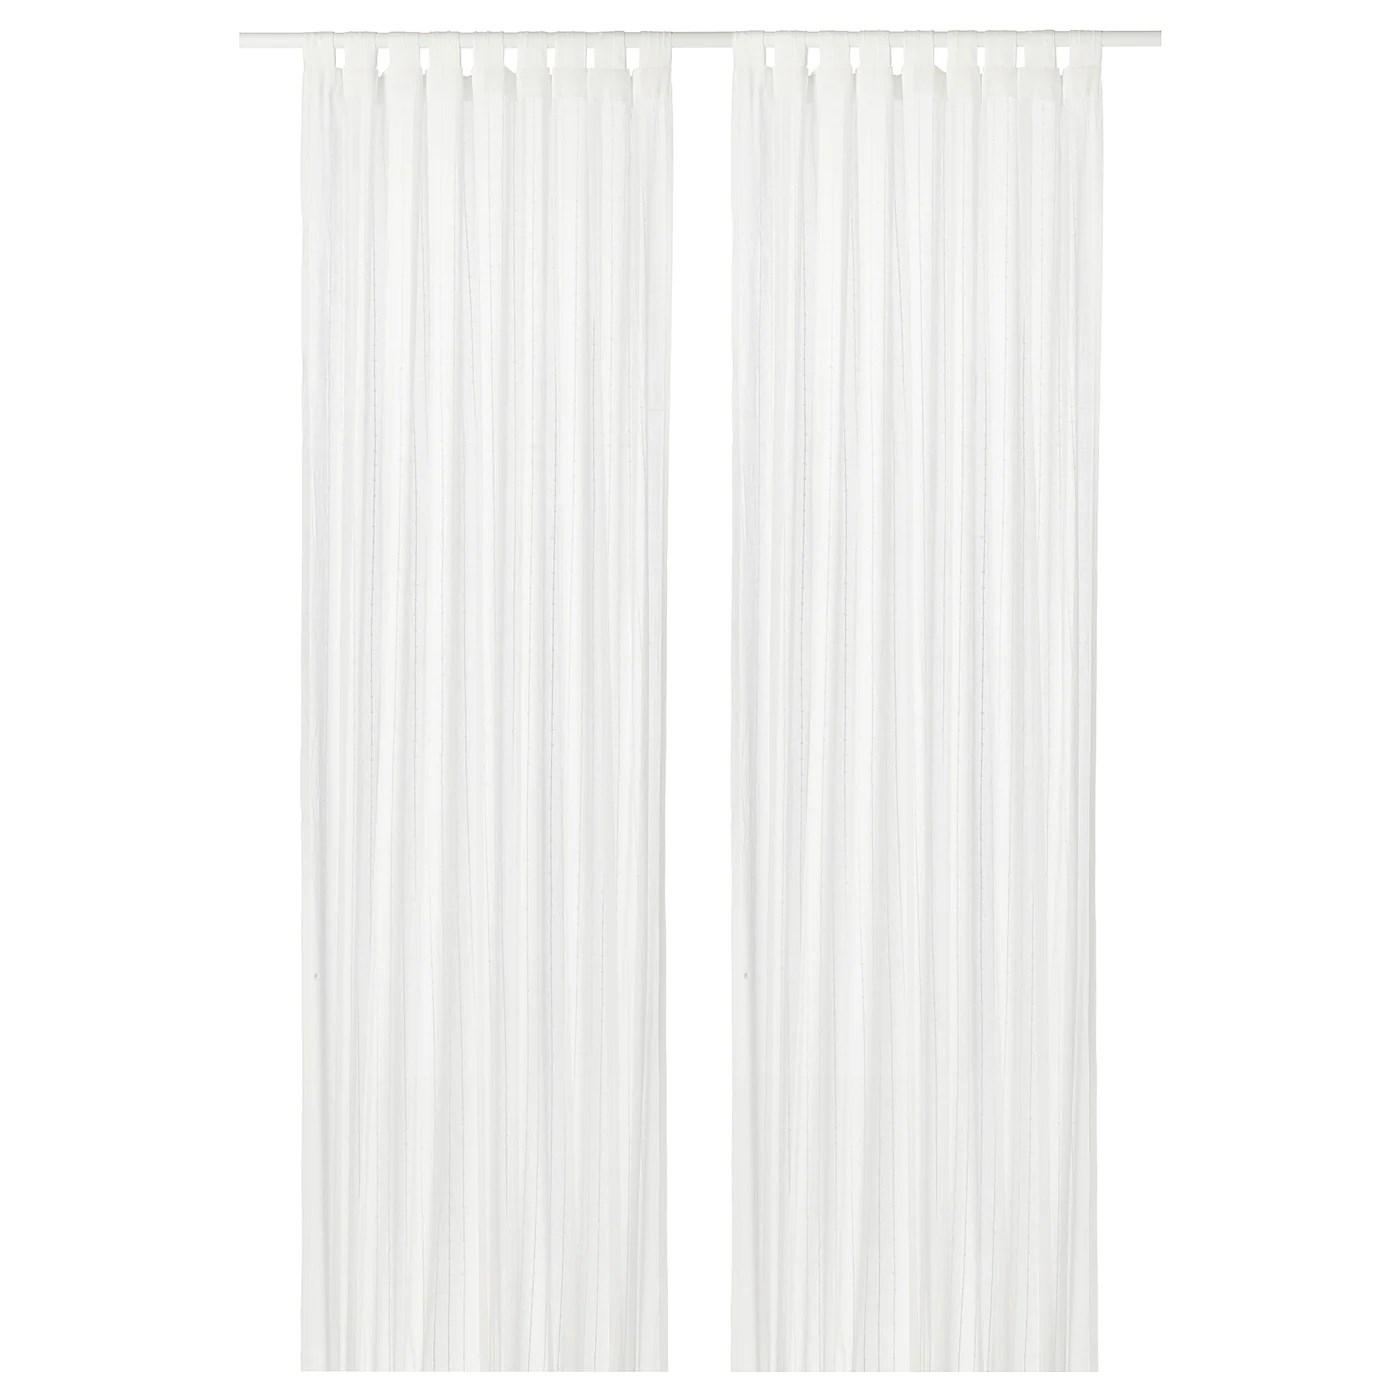 matilda voilage 2 pieces blanc 140x300 cm